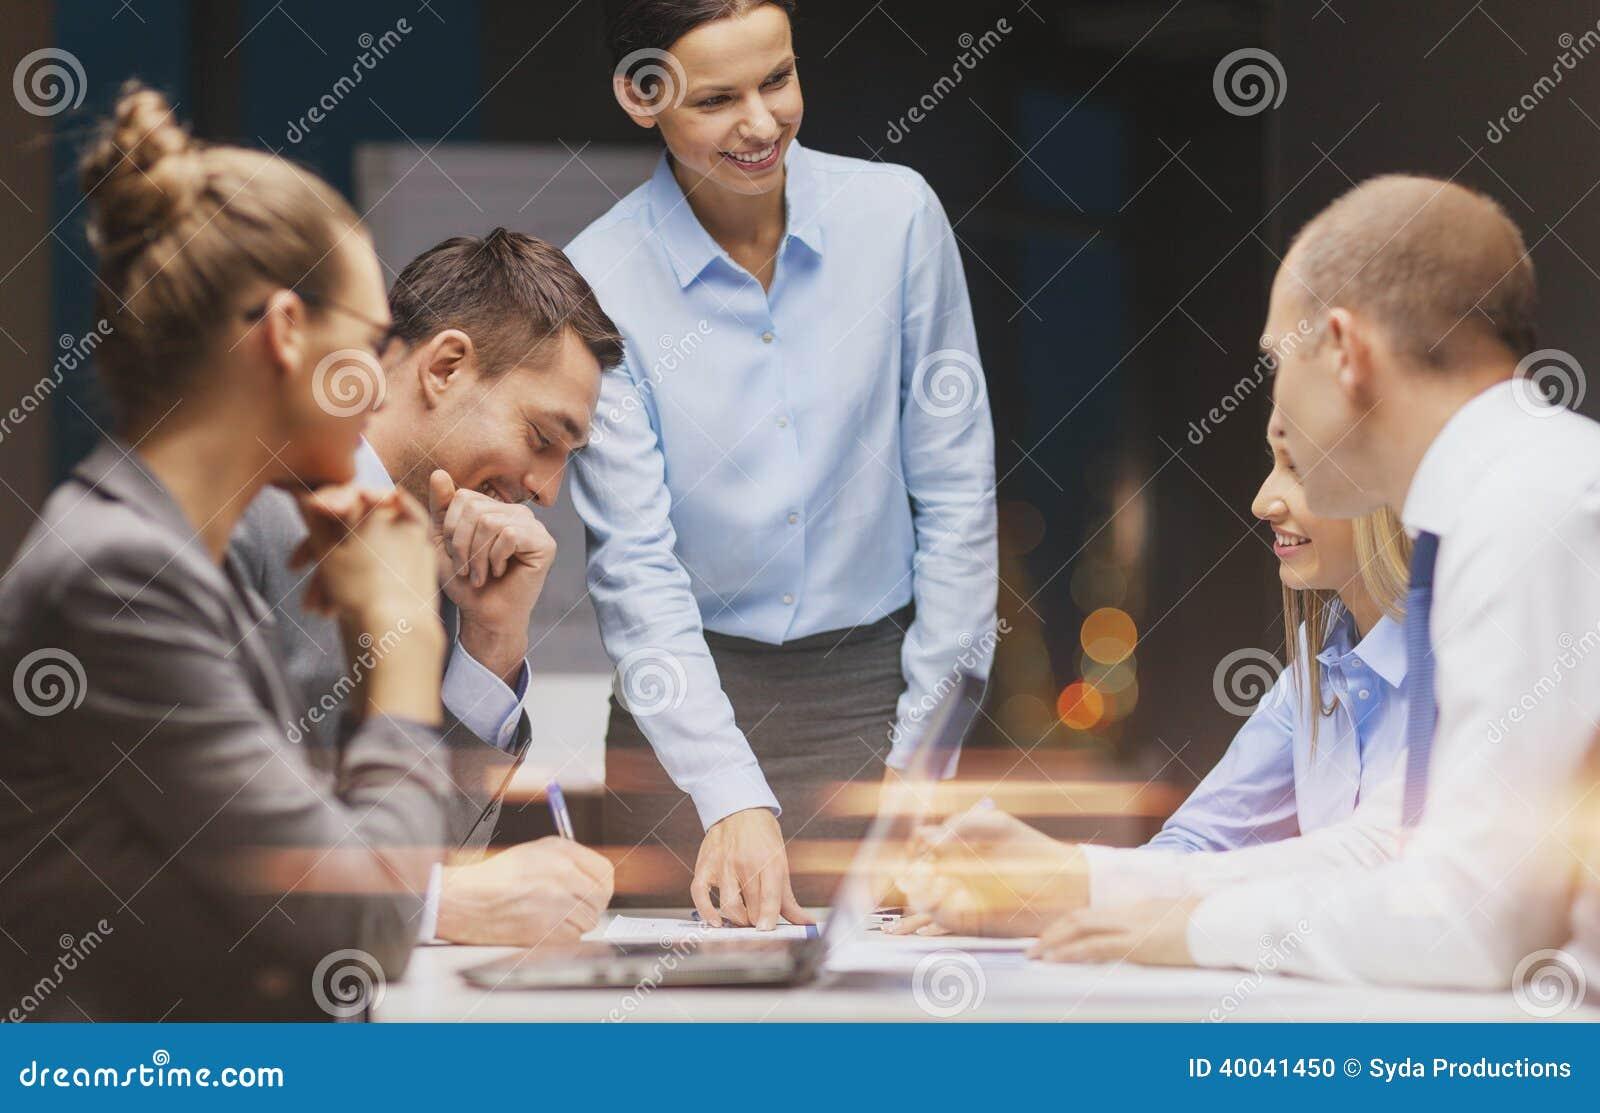 微笑的女性上司谈话与企业队